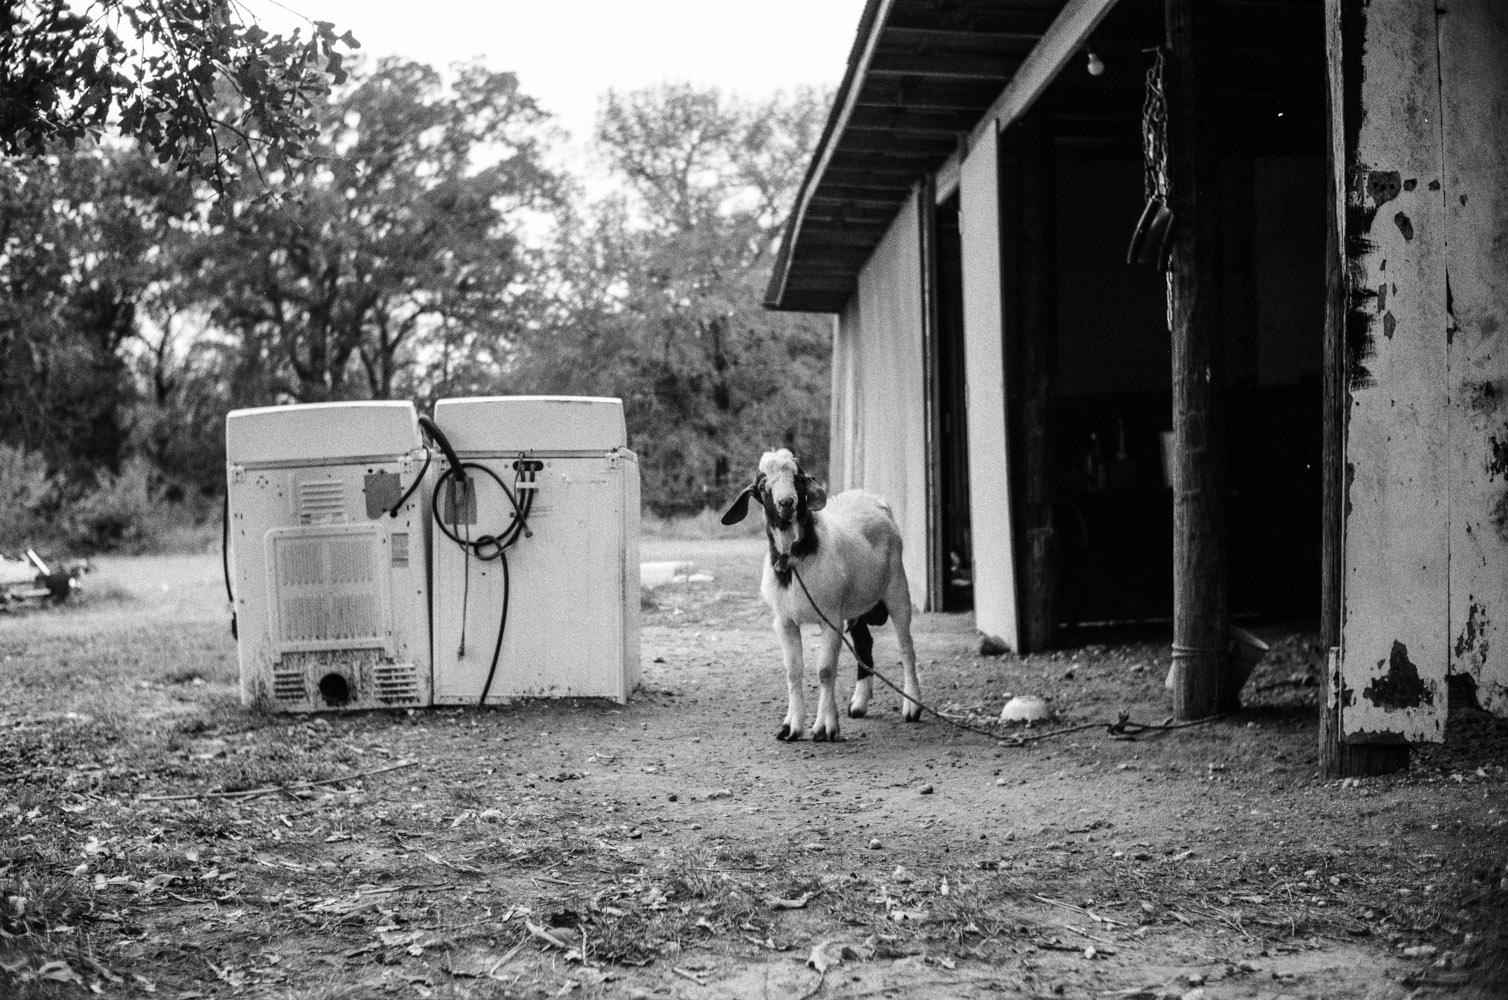 washing_machine_goat.jpg